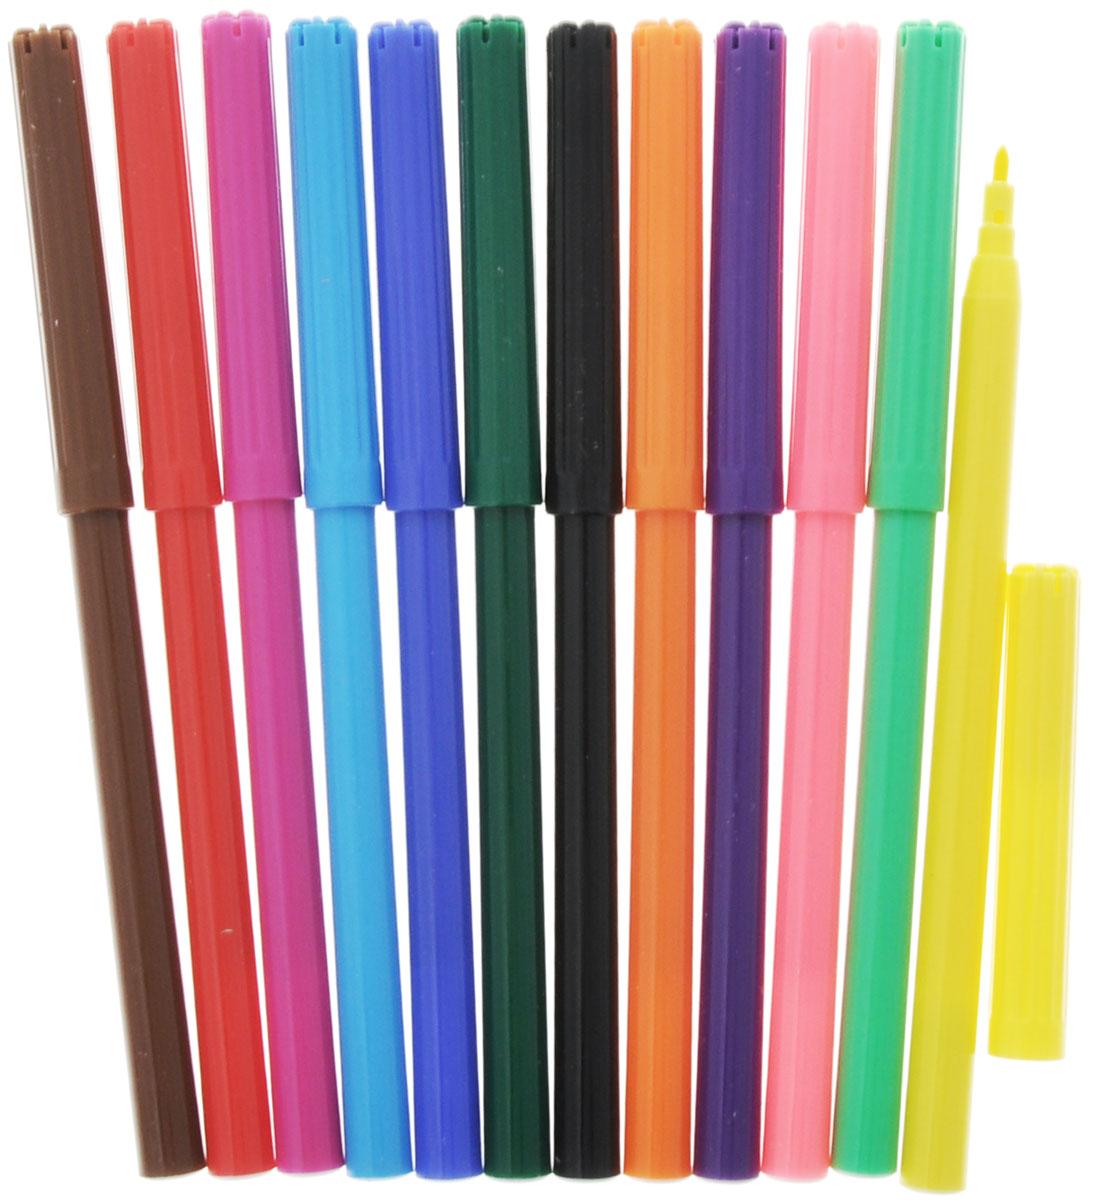 Гадкий Я Фломастеры Universal Studios. Миньоны, 12 цветов26476Фломастеры Universal Studios. Миньоны помогут маленьким художникам рисовать и раскрашивать самые разные картинки, развивая воображение, мелкую моторику и цветовосприятие. В наборе 12 разноцветных фломастеров с вентилируемыми колпачками, безопасными для детей. Фломастеры изготовлены из материала, который обеспечивает прочность корпуса и препятствует испарению чернил, благодаря чему они имеют долгий срок службы.